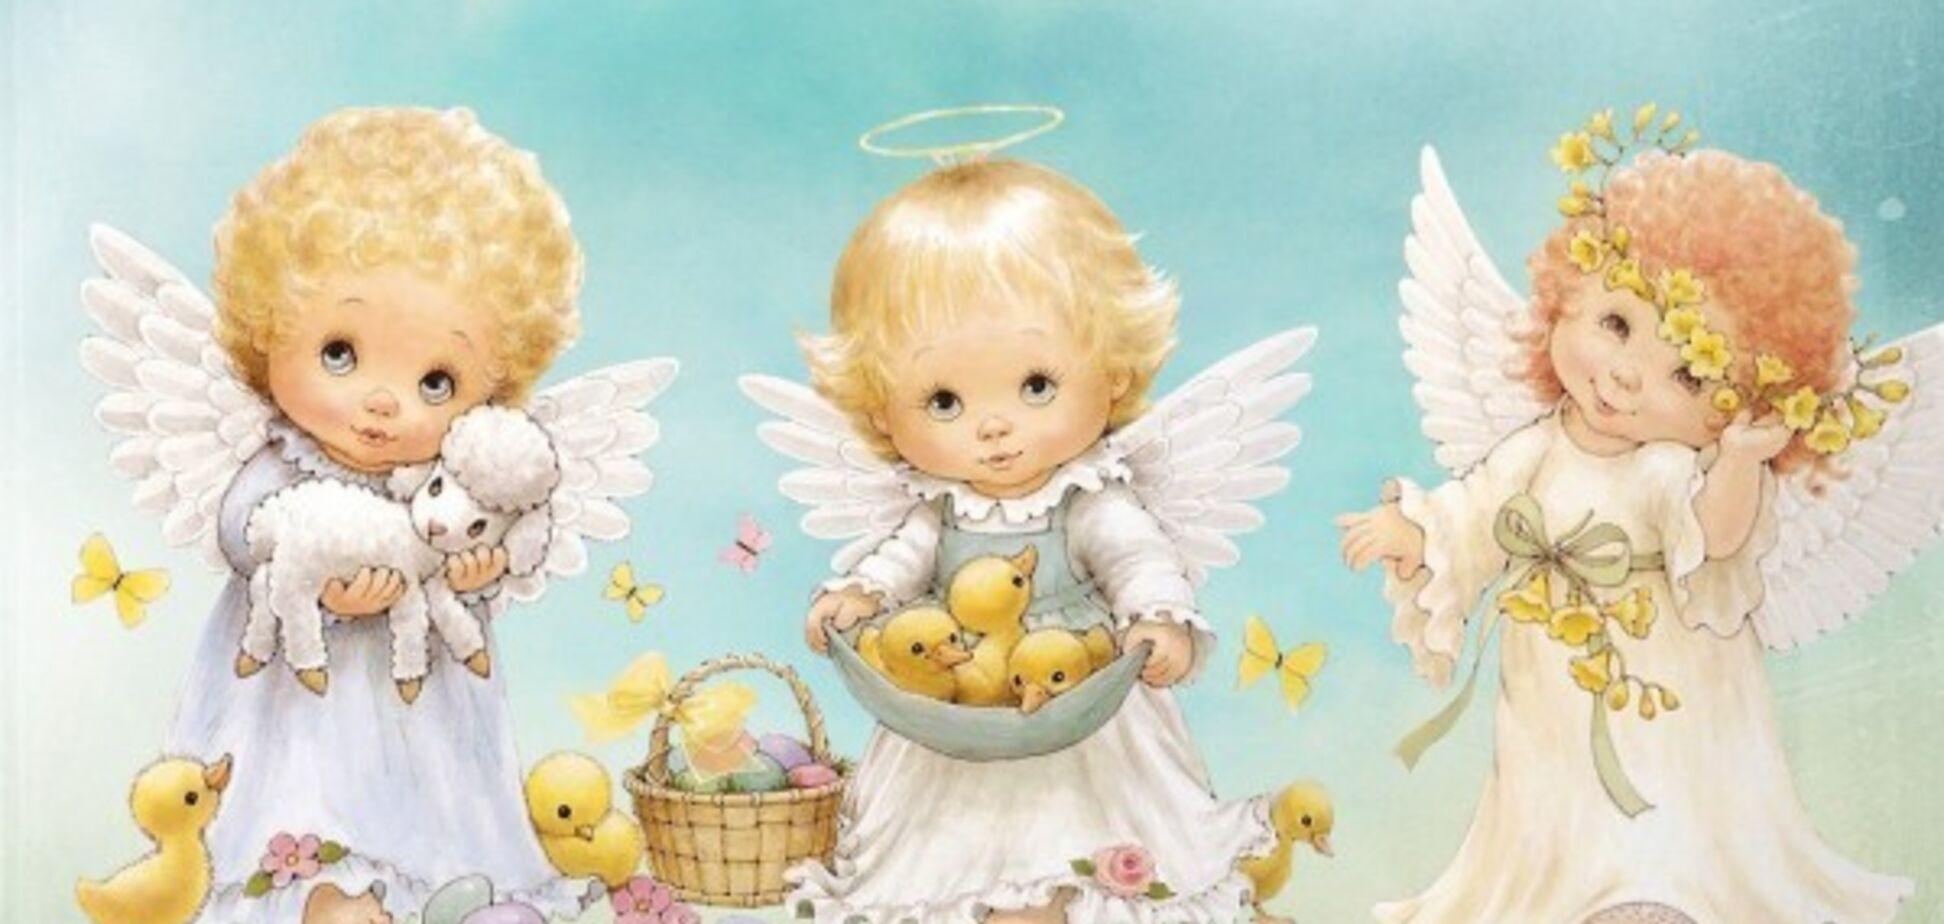 День ангела Людмилы: лучшие поздравления и открытки